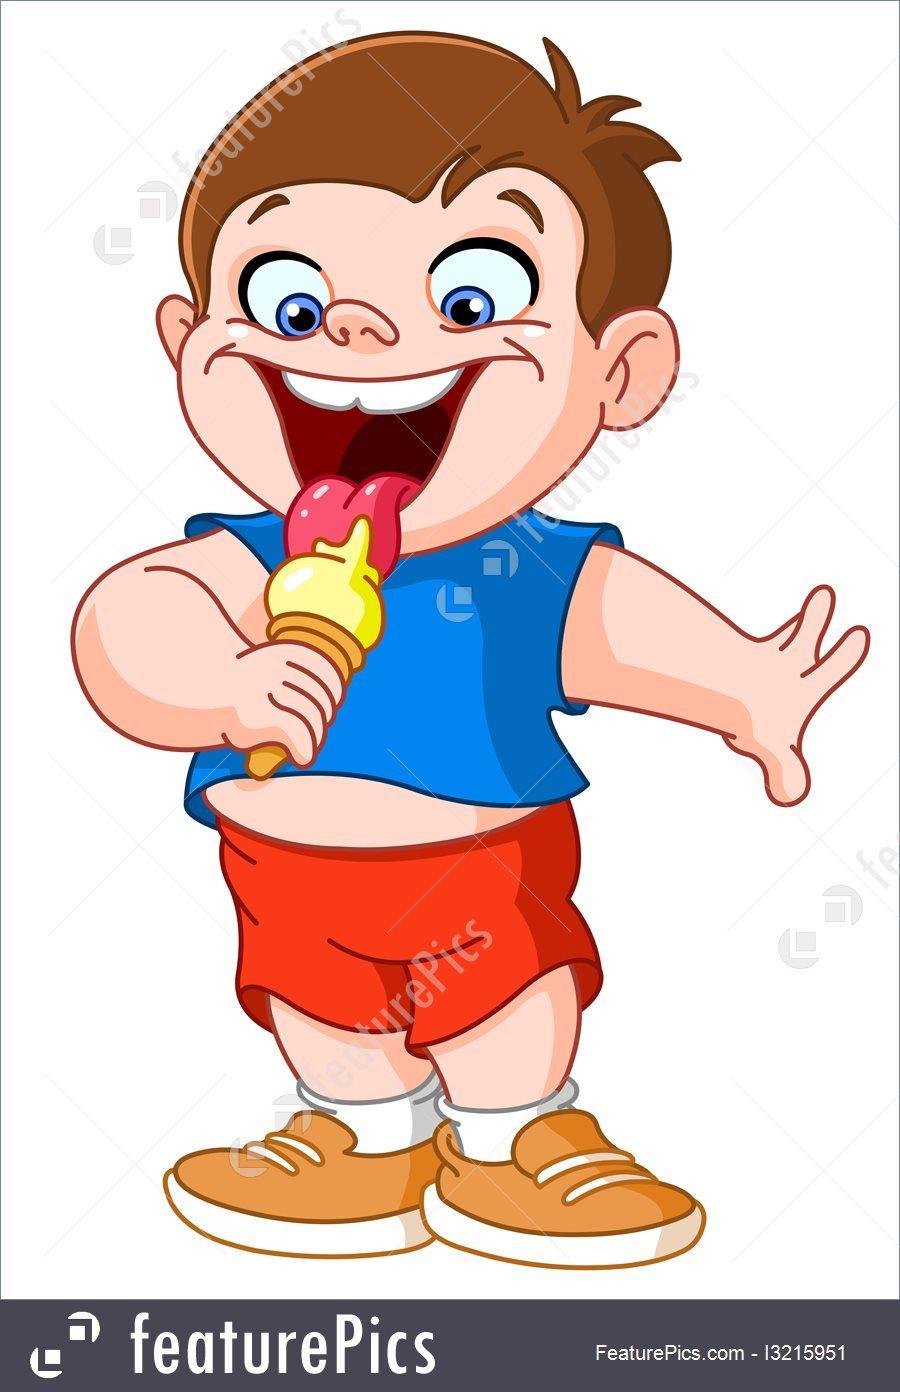 Lick ice cream clipart 2 » Clipart Portal.